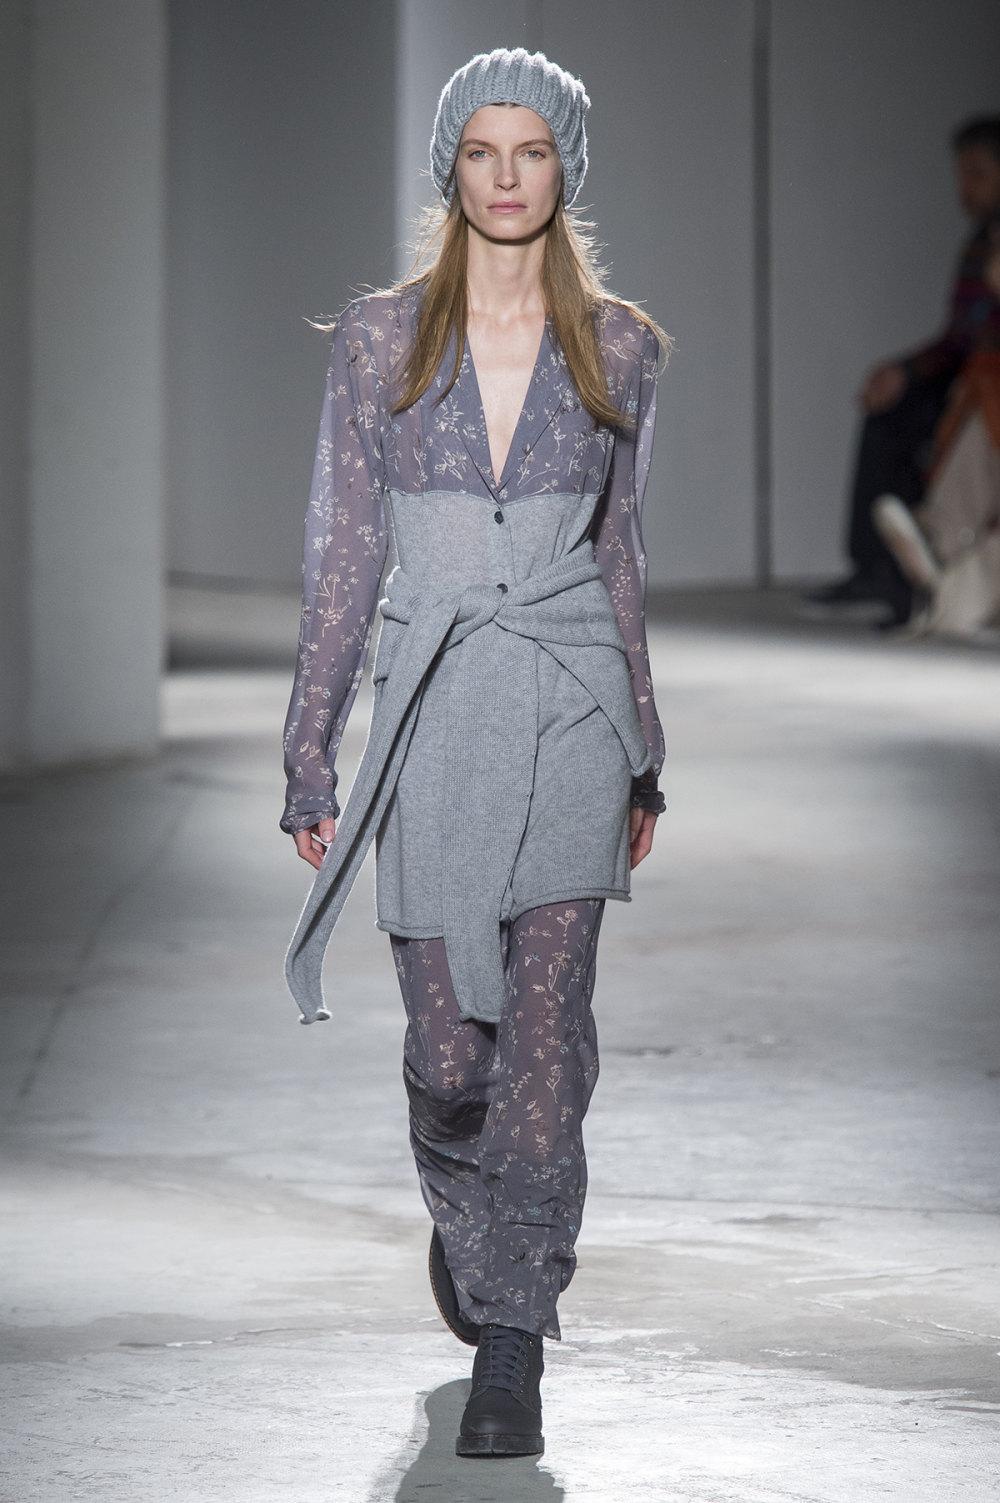 Agnona时装系列有纹理外套长而瘦有些穿着浴袍宽腿裤套装有巧克力-27.jpg